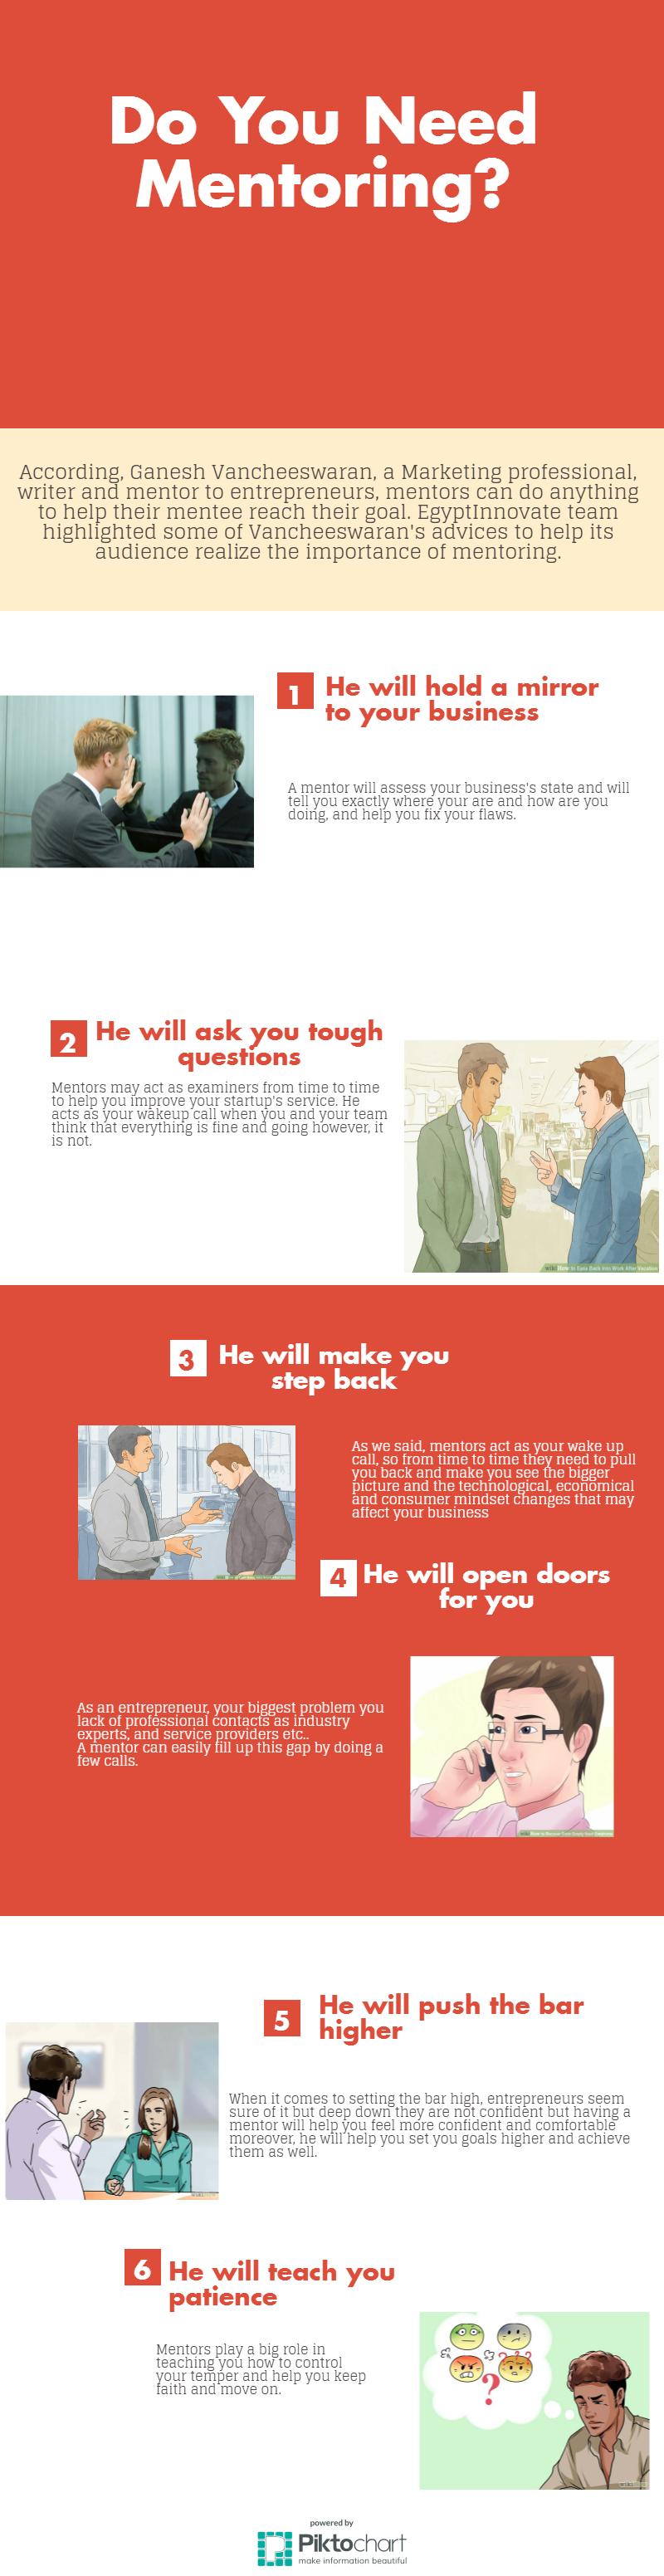 هل تحتاج إلى الاستشارة؟